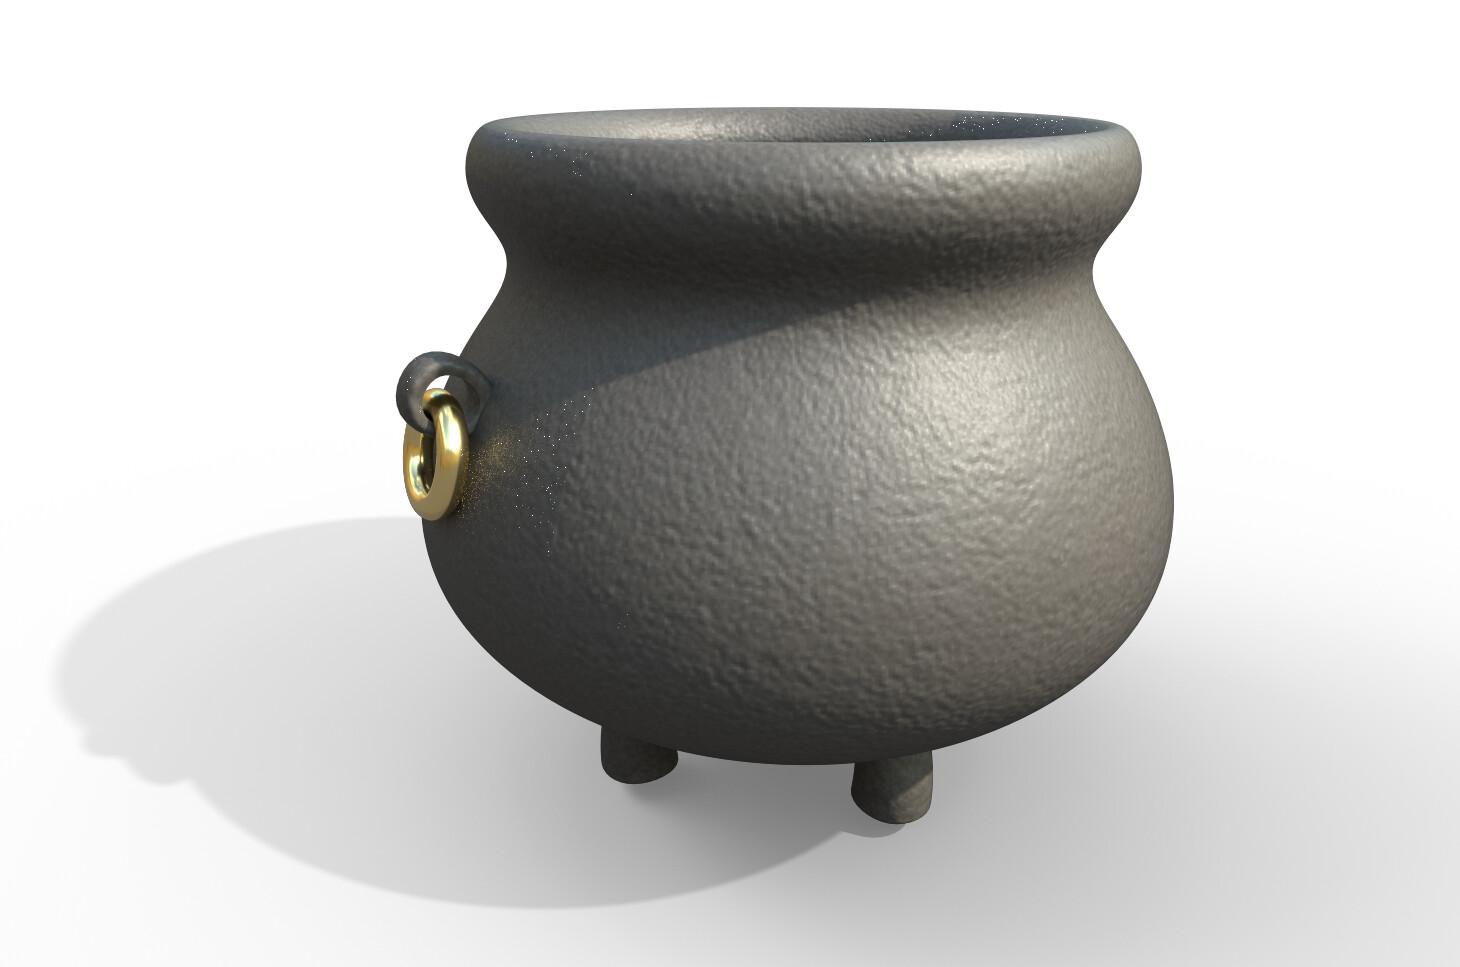 Joseph moniz cauldron001a